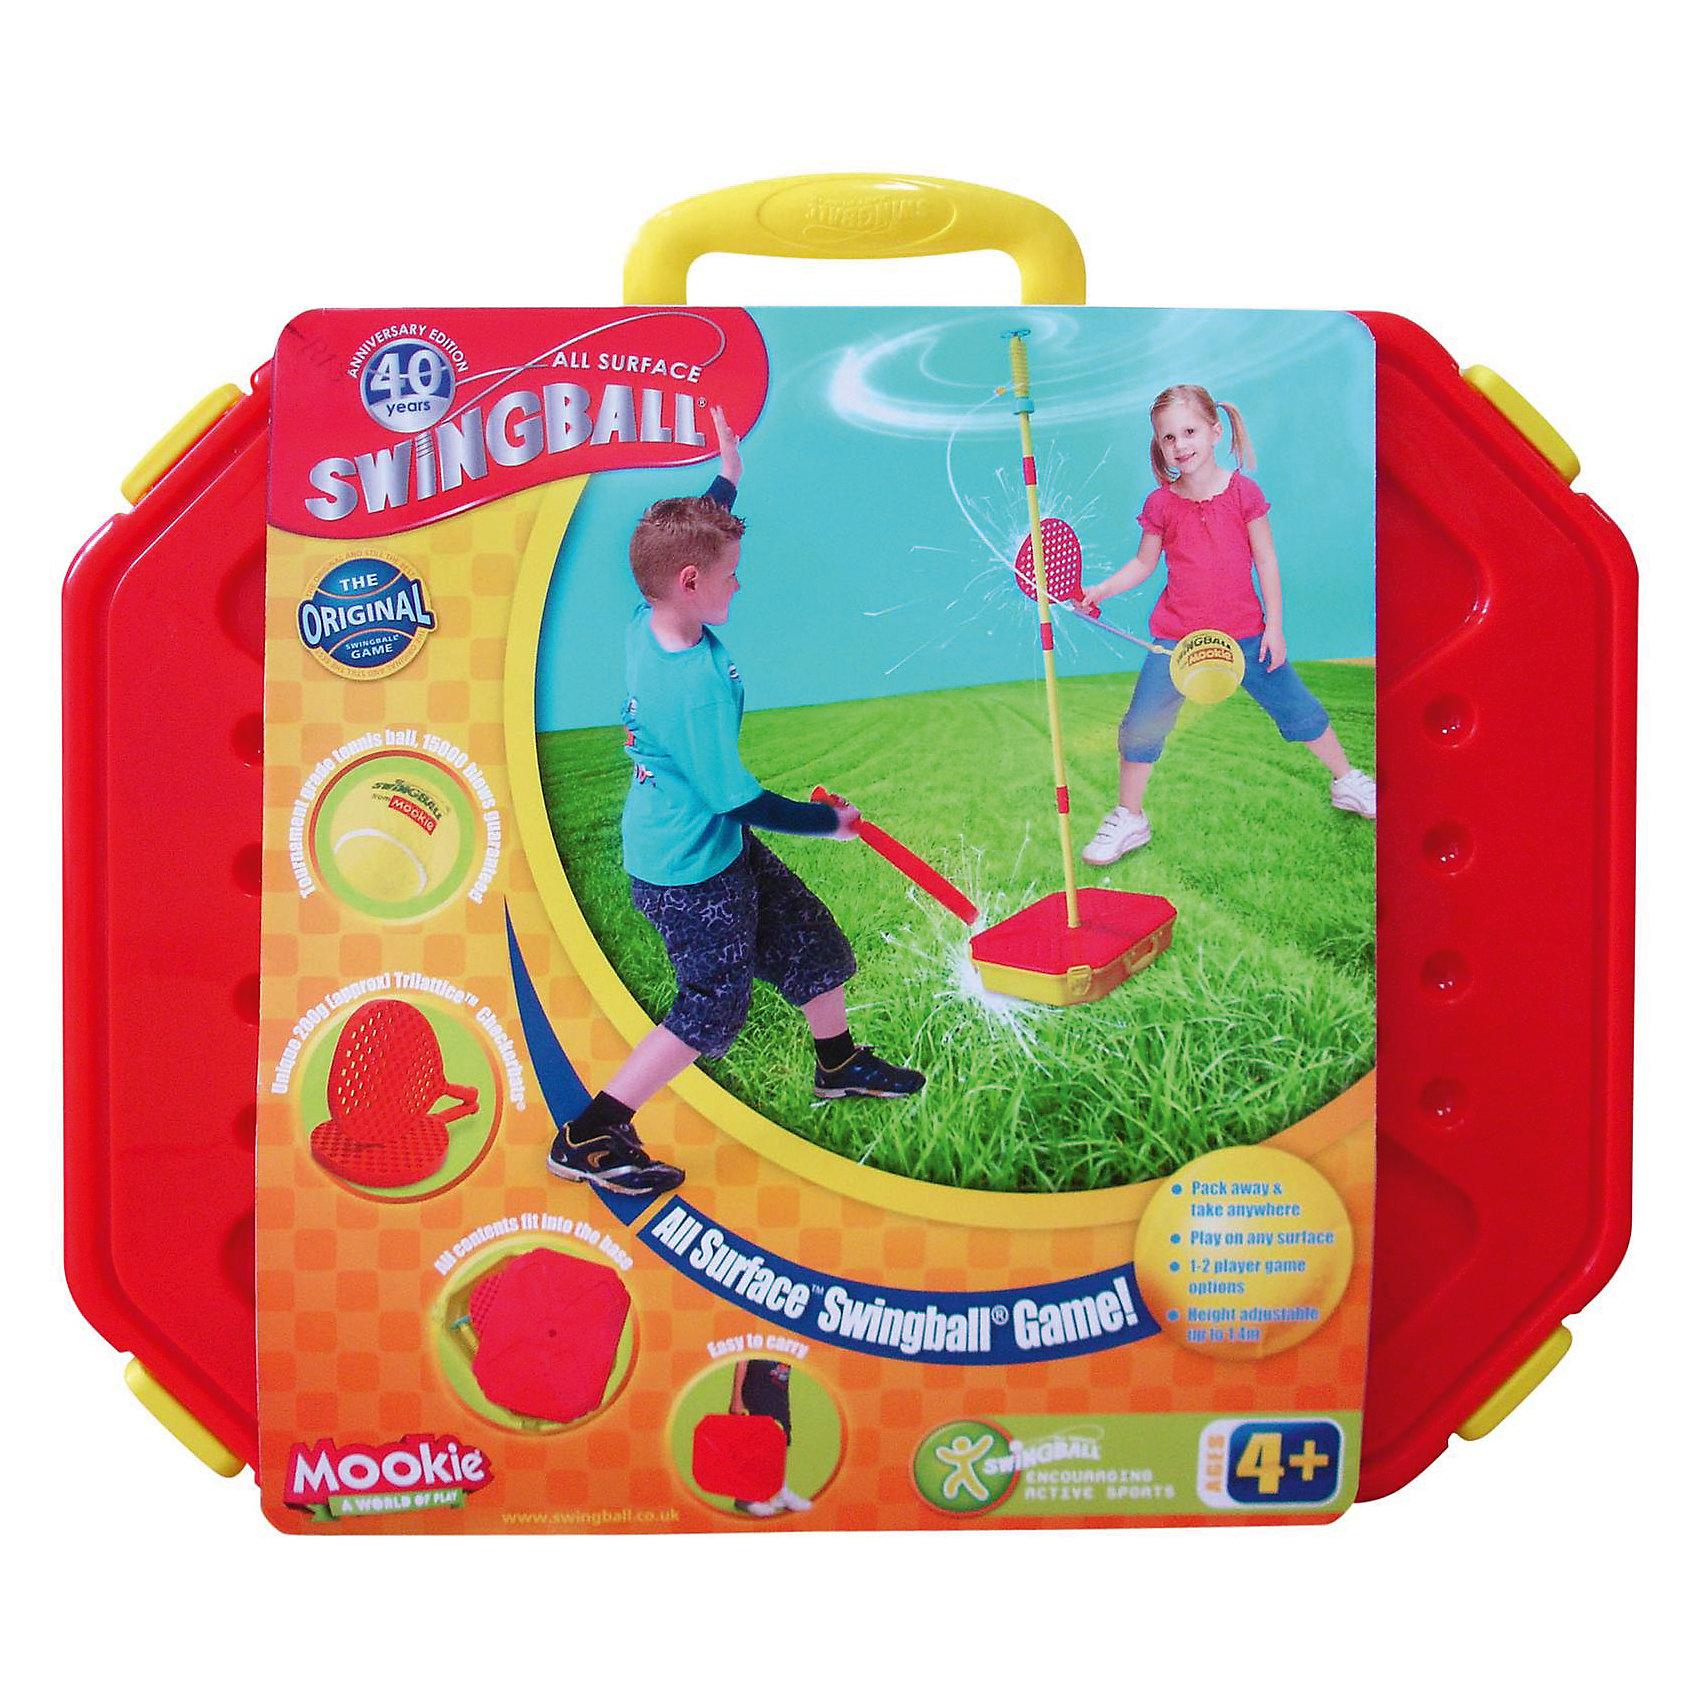 Набор Веселый теннис: 2 ракетки, мяч,  MookieБадминтон и теннис<br>Веселый теннис - прекрасный набор для активного отдыха. Устойчивая конструкция с мячиком поможет развить скорость реакции детей. Ракетки с рельефной поверхностью, максимально удобной для игры. Хороший выбор для активных детей!<br><br>Дополнительная информация:<br>В наборе: 2 ракетки,  мячик на тросе, кейс-подставка, стойка<br>Материал: пластик<br>Размер: 10х35,5х45,5 см<br>Вес: 2400 грамм<br>Вы можете купить набор Веселый теннис в нашем интернет-магазине.<br><br>Ширина мм: 455<br>Глубина мм: 355<br>Высота мм: 100<br>Вес г: 2400<br>Возраст от месяцев: 36<br>Возраст до месяцев: 120<br>Пол: Унисекс<br>Возраст: Детский<br>SKU: 4953643